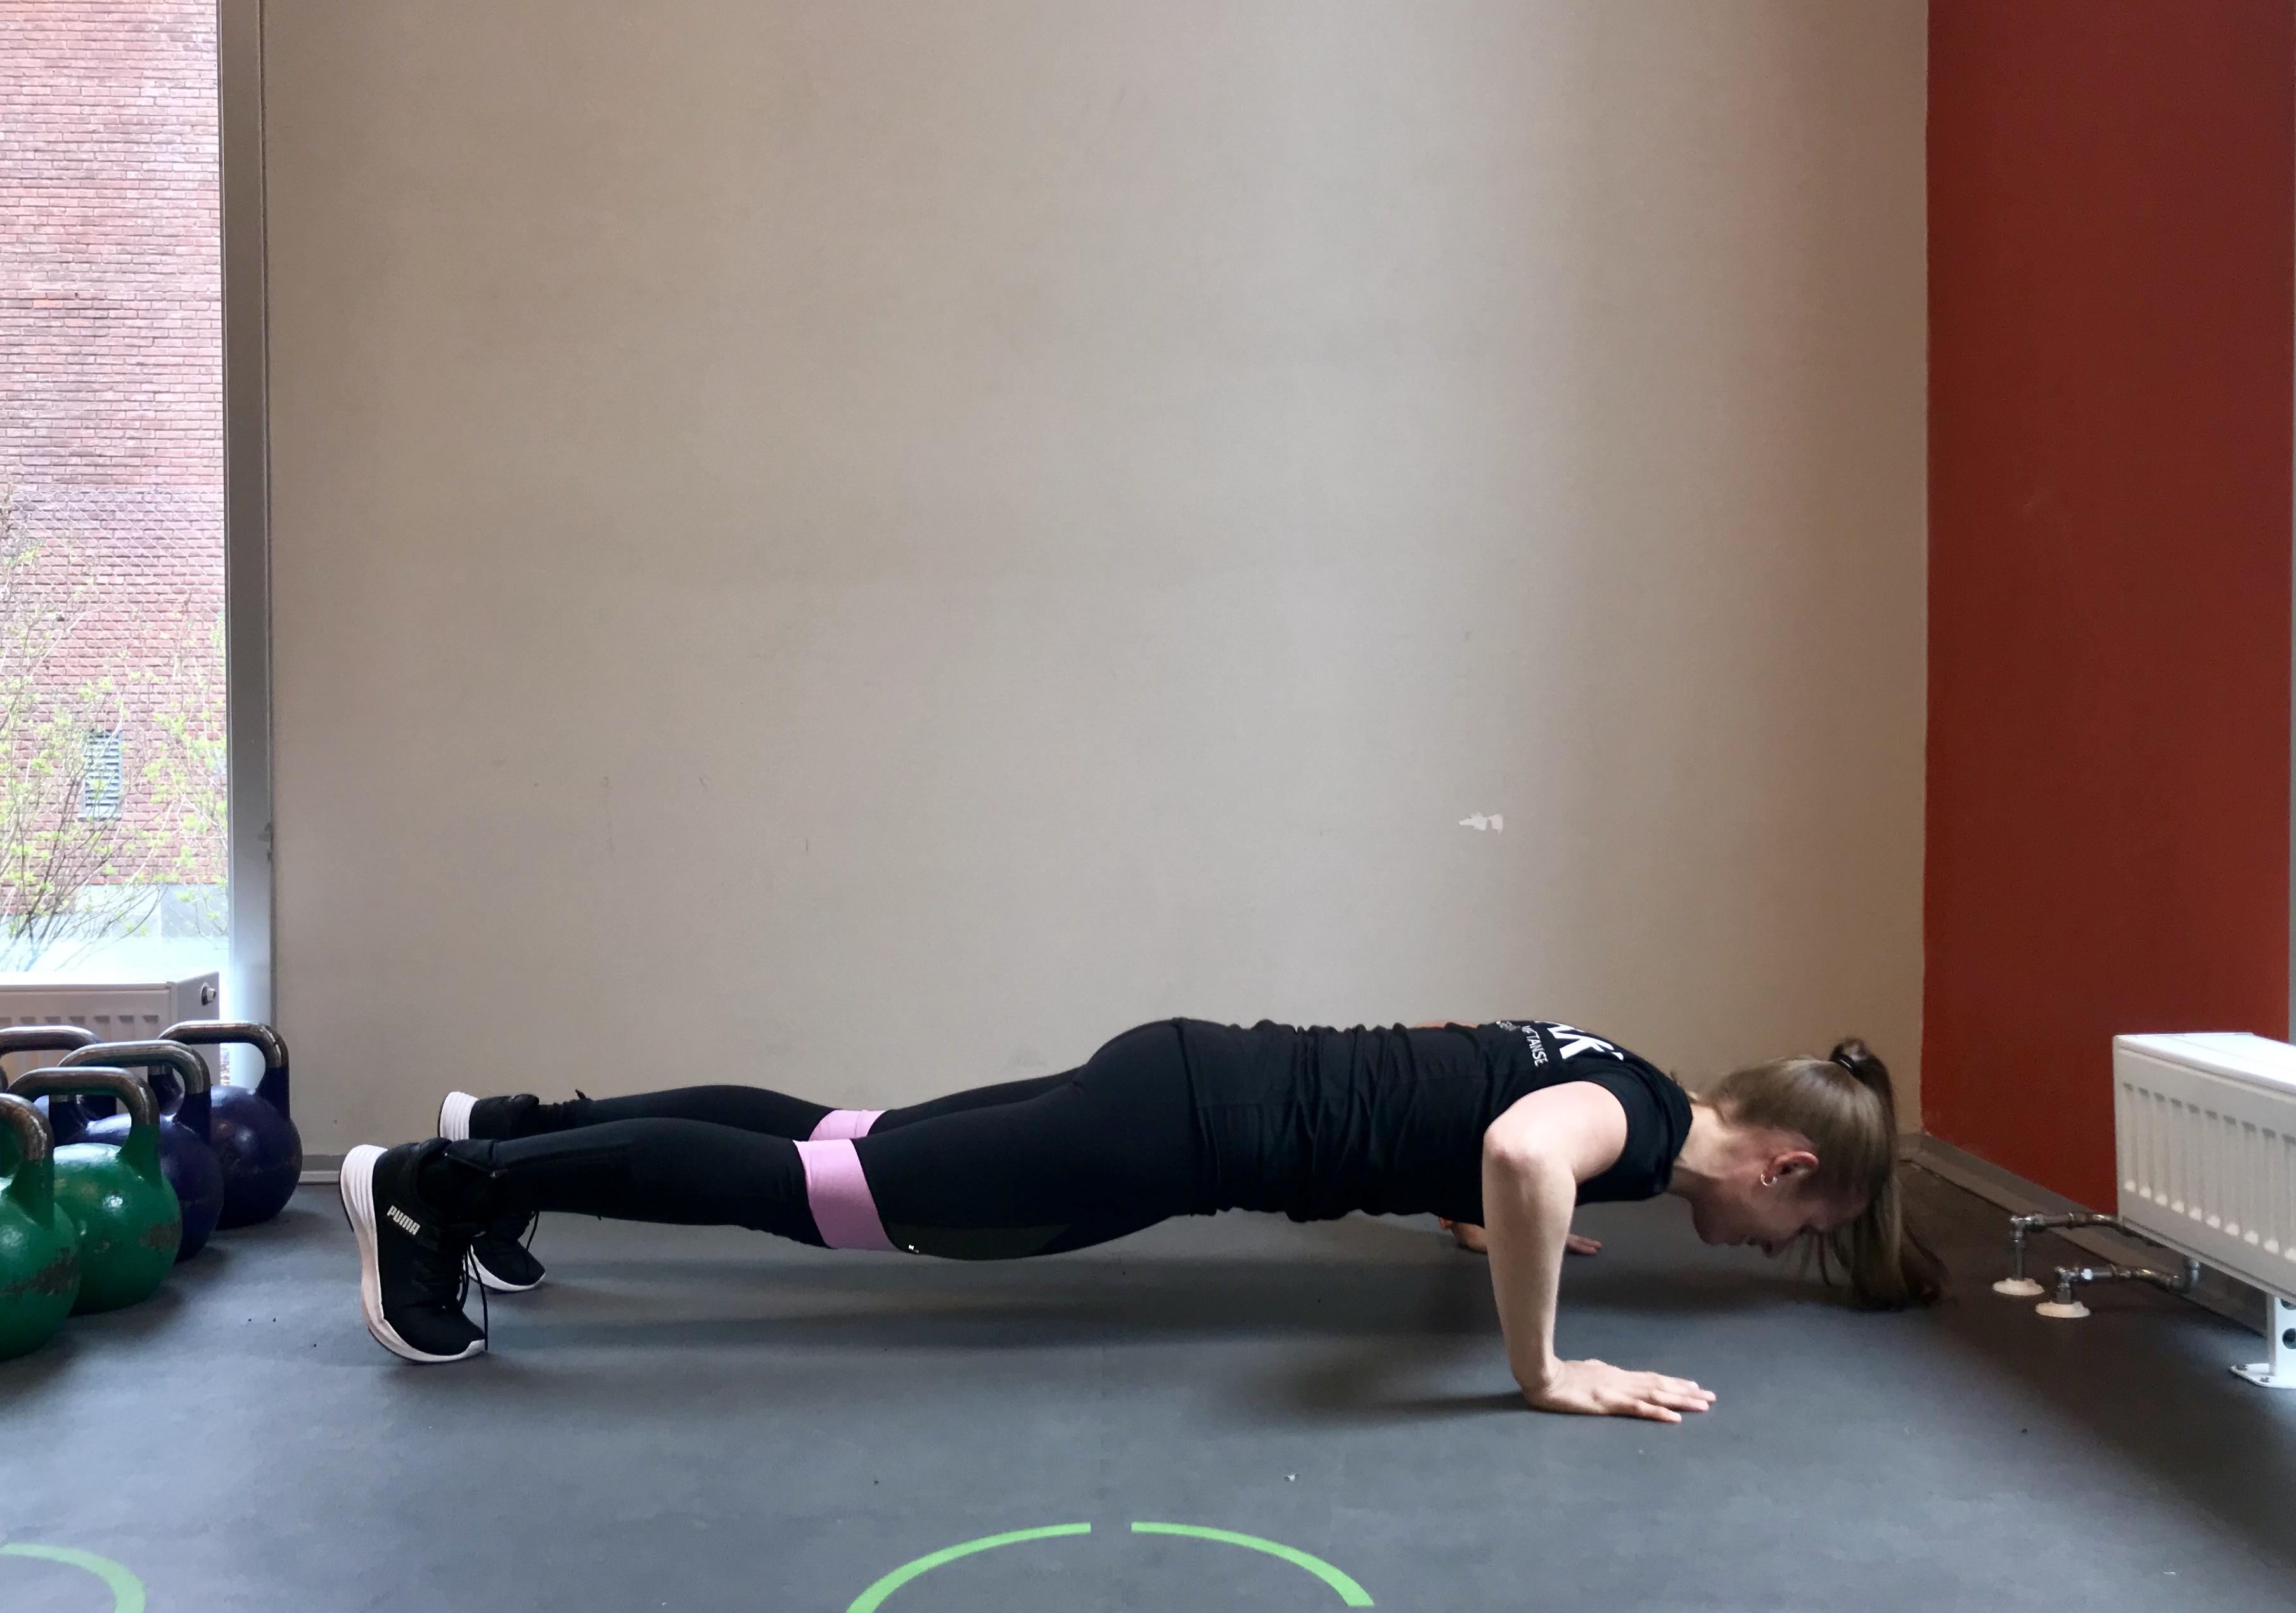 9f428db7 Du trener: Hovedsakelig kjerne. Slik gjør du: Legg deg ned på ryggen med  armene langs siden og løft opp beina. Press korsryggen ned i gulvet og  kjenn at du ...